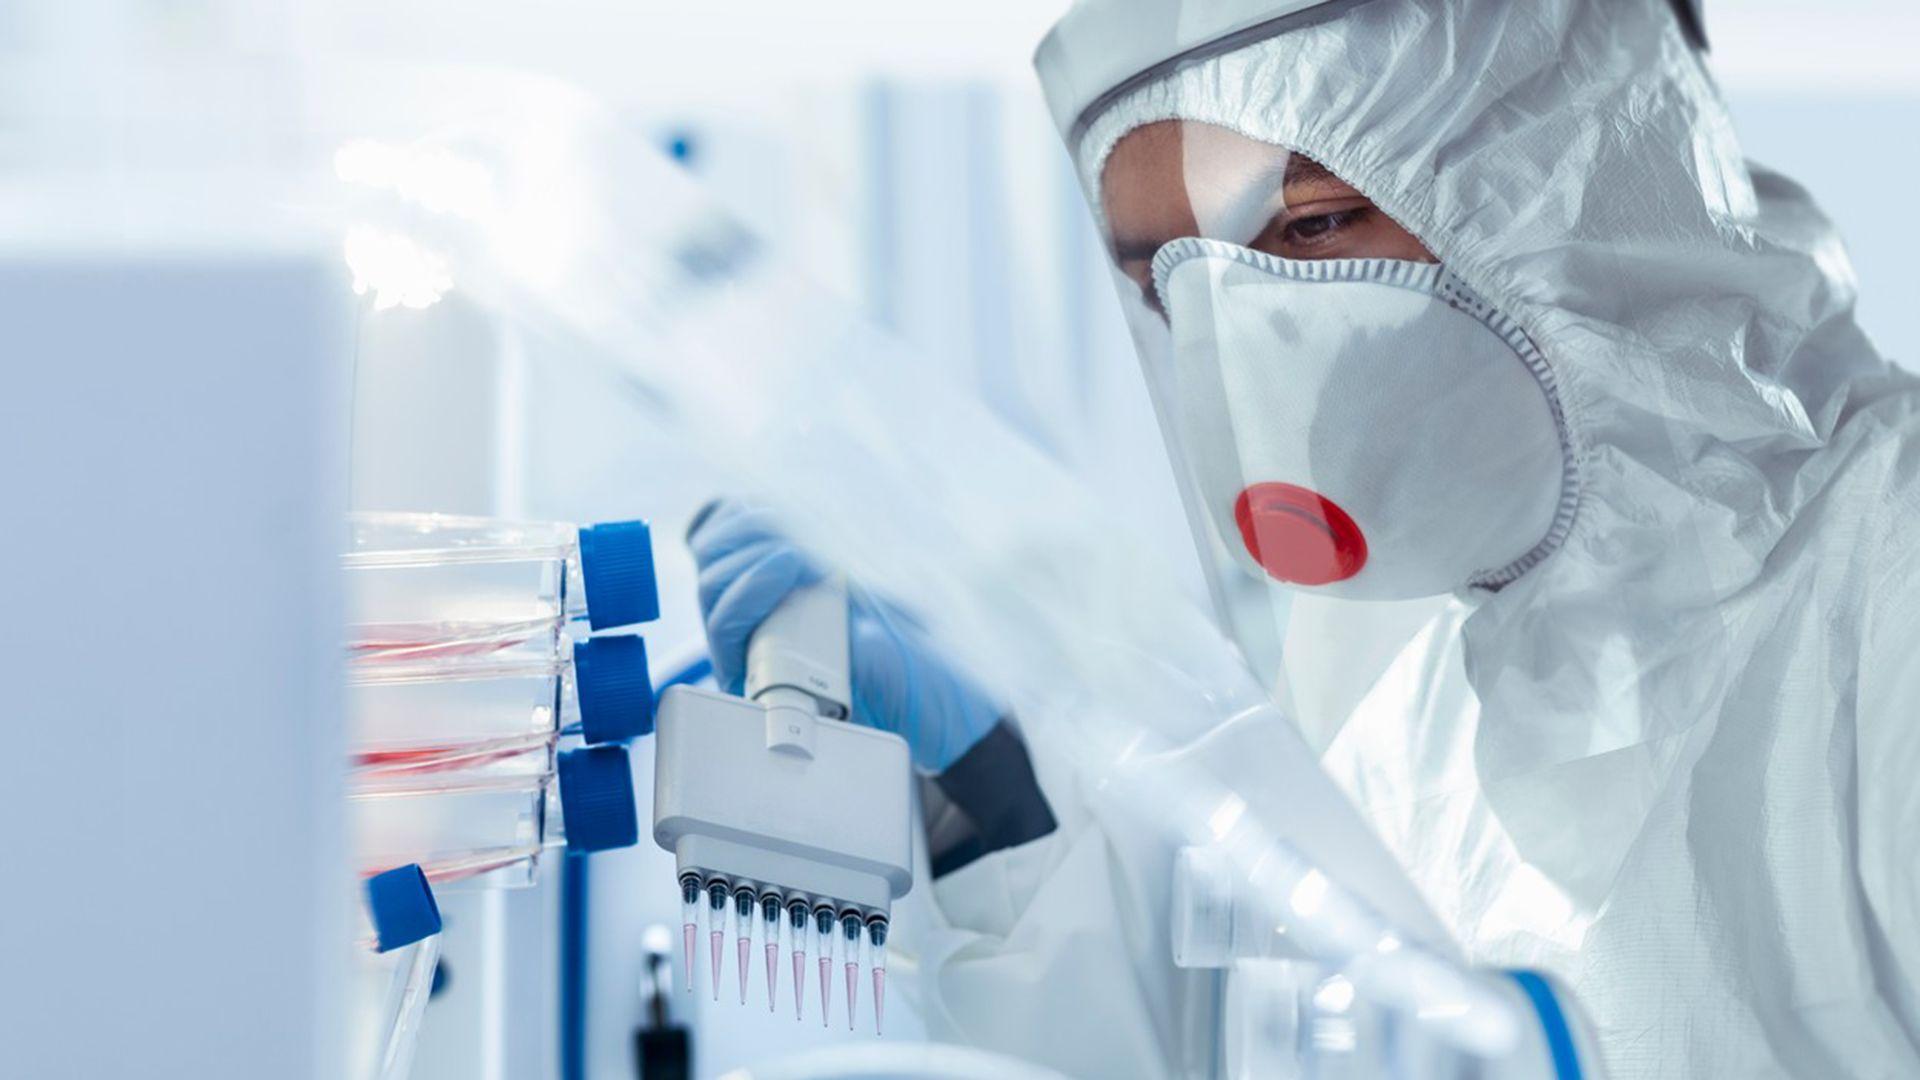 Kiderült, mikorra érhet MAgyarországra a koronavírus második hulláma